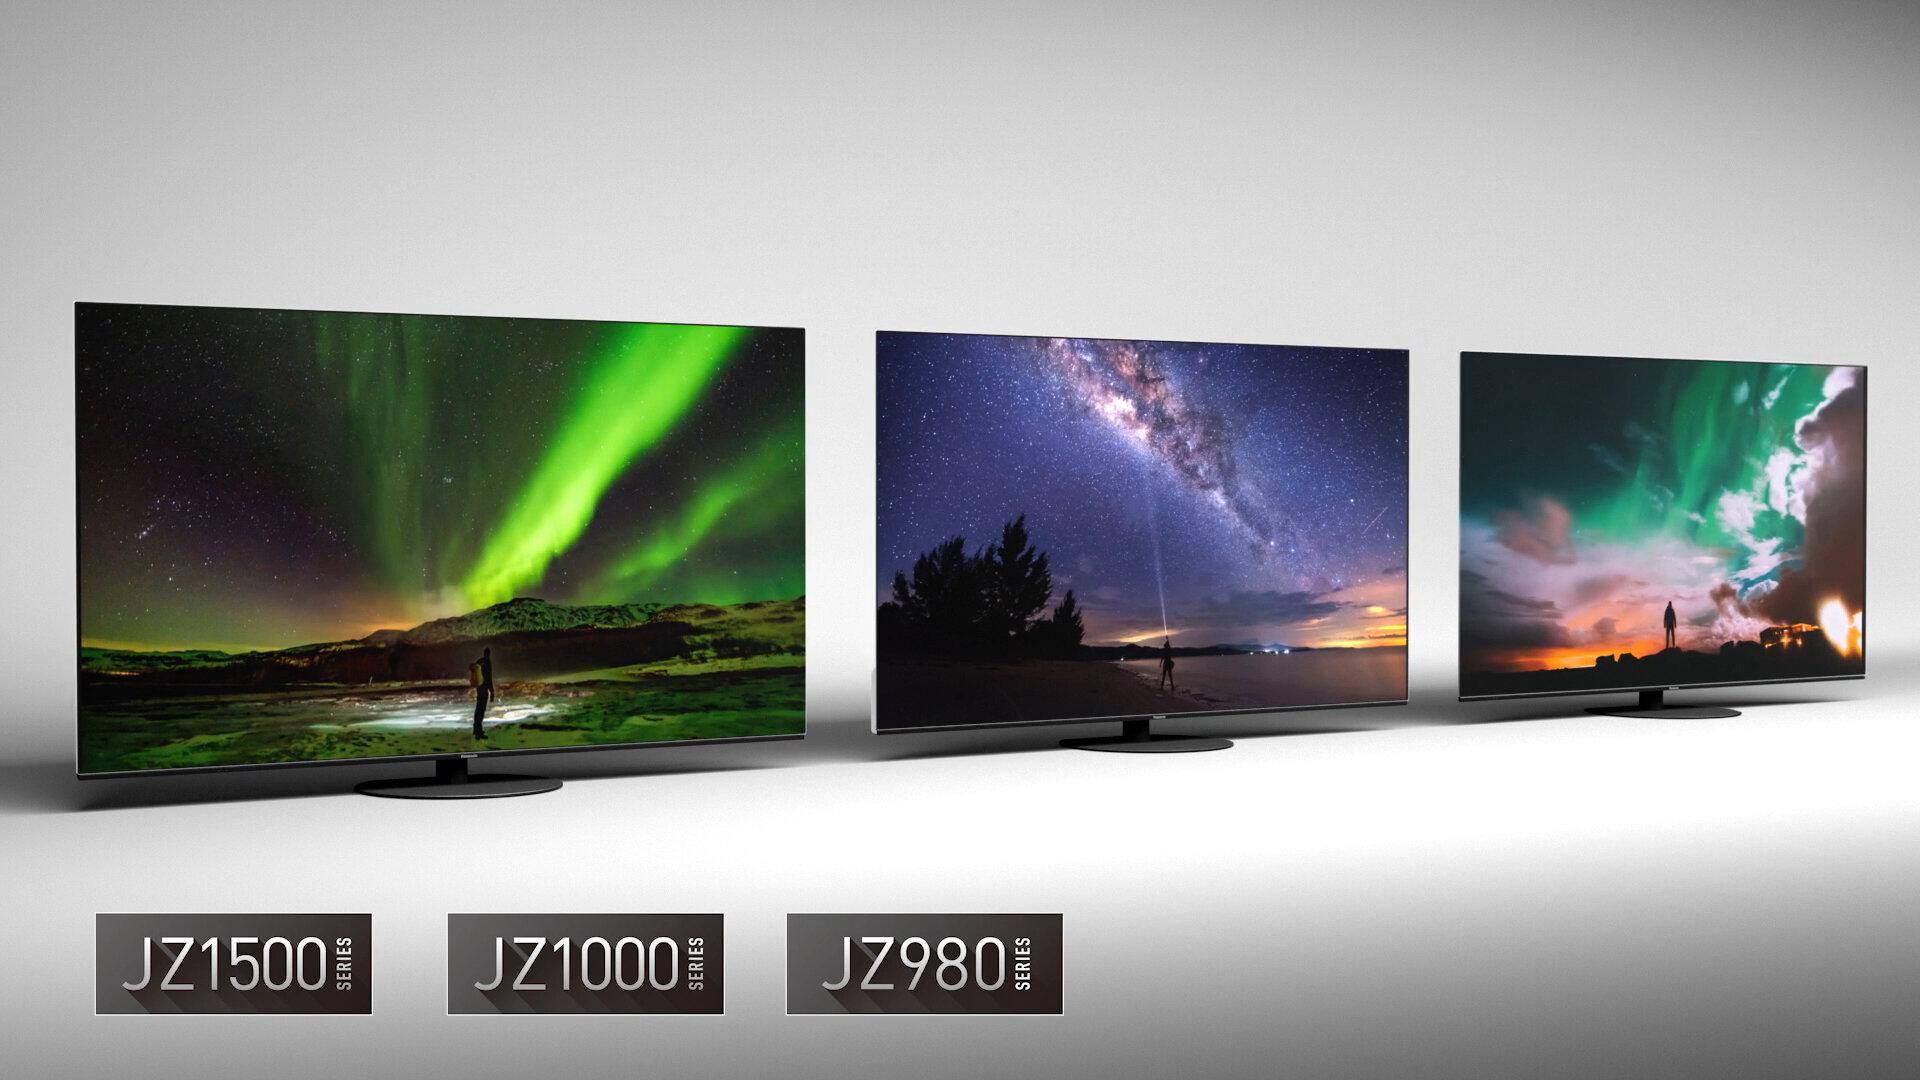 Die neuen OLED-Serien unterhalb des JZW2004